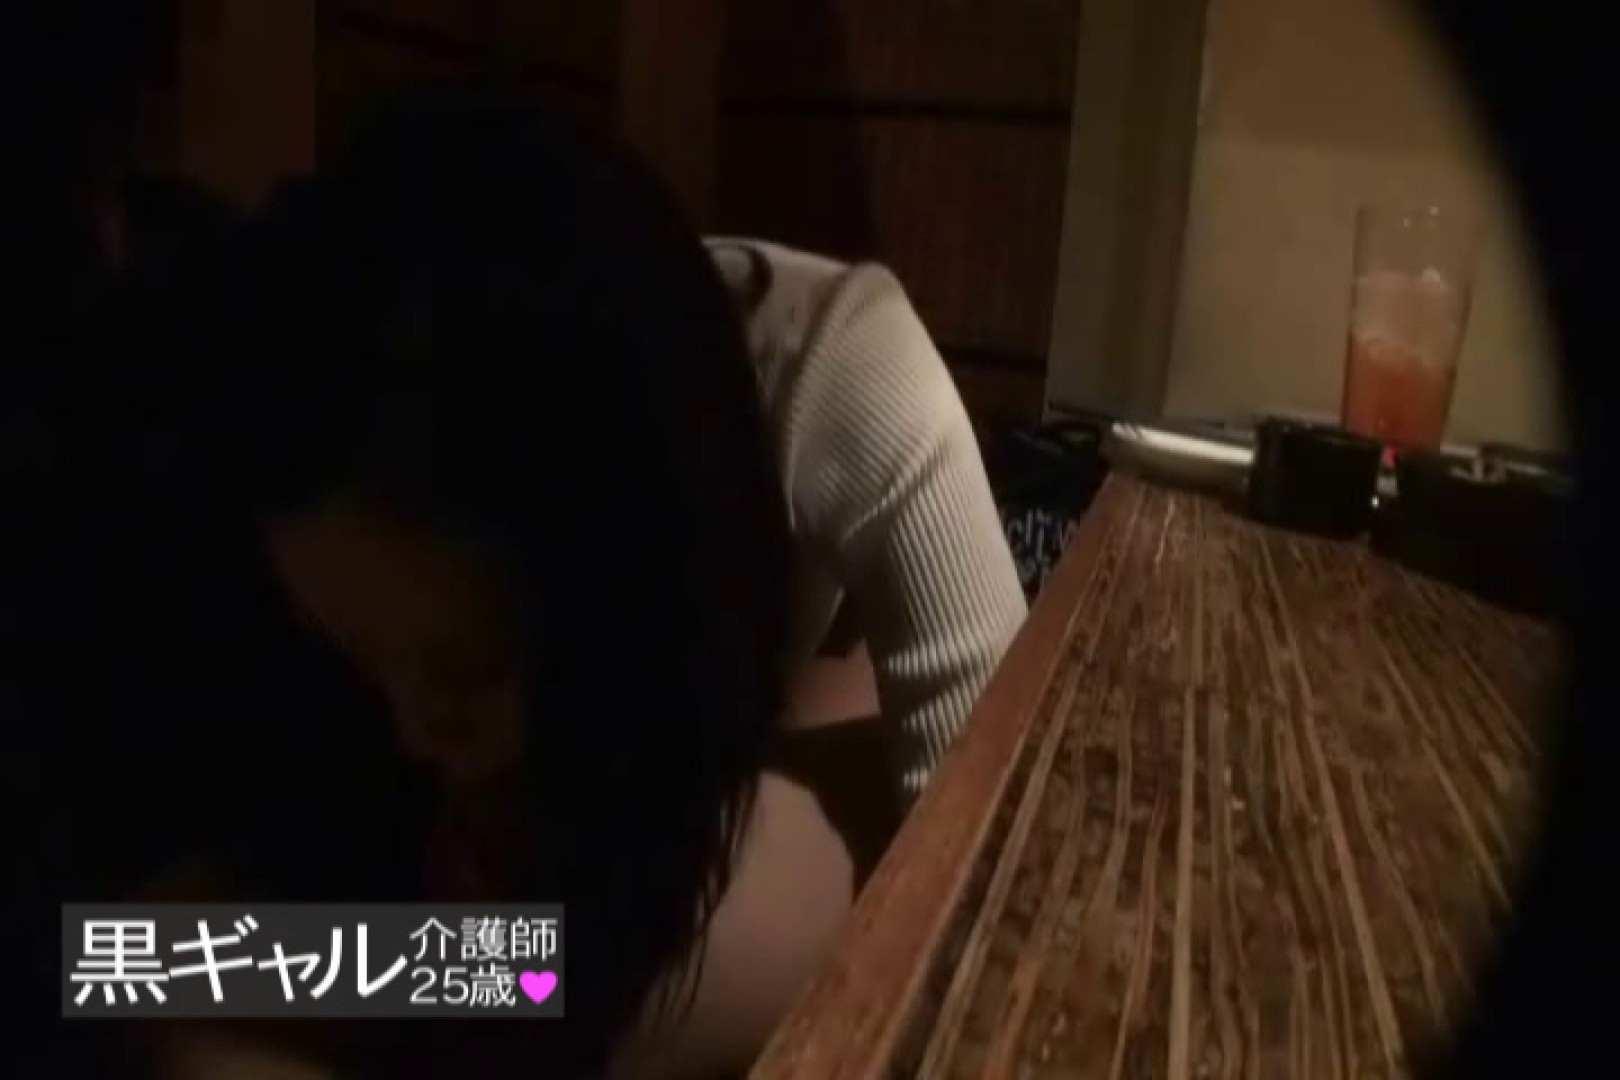 独占入手 従順M黒ギャル介護師25歳vol.3 ナンパ | 車  91連発 37